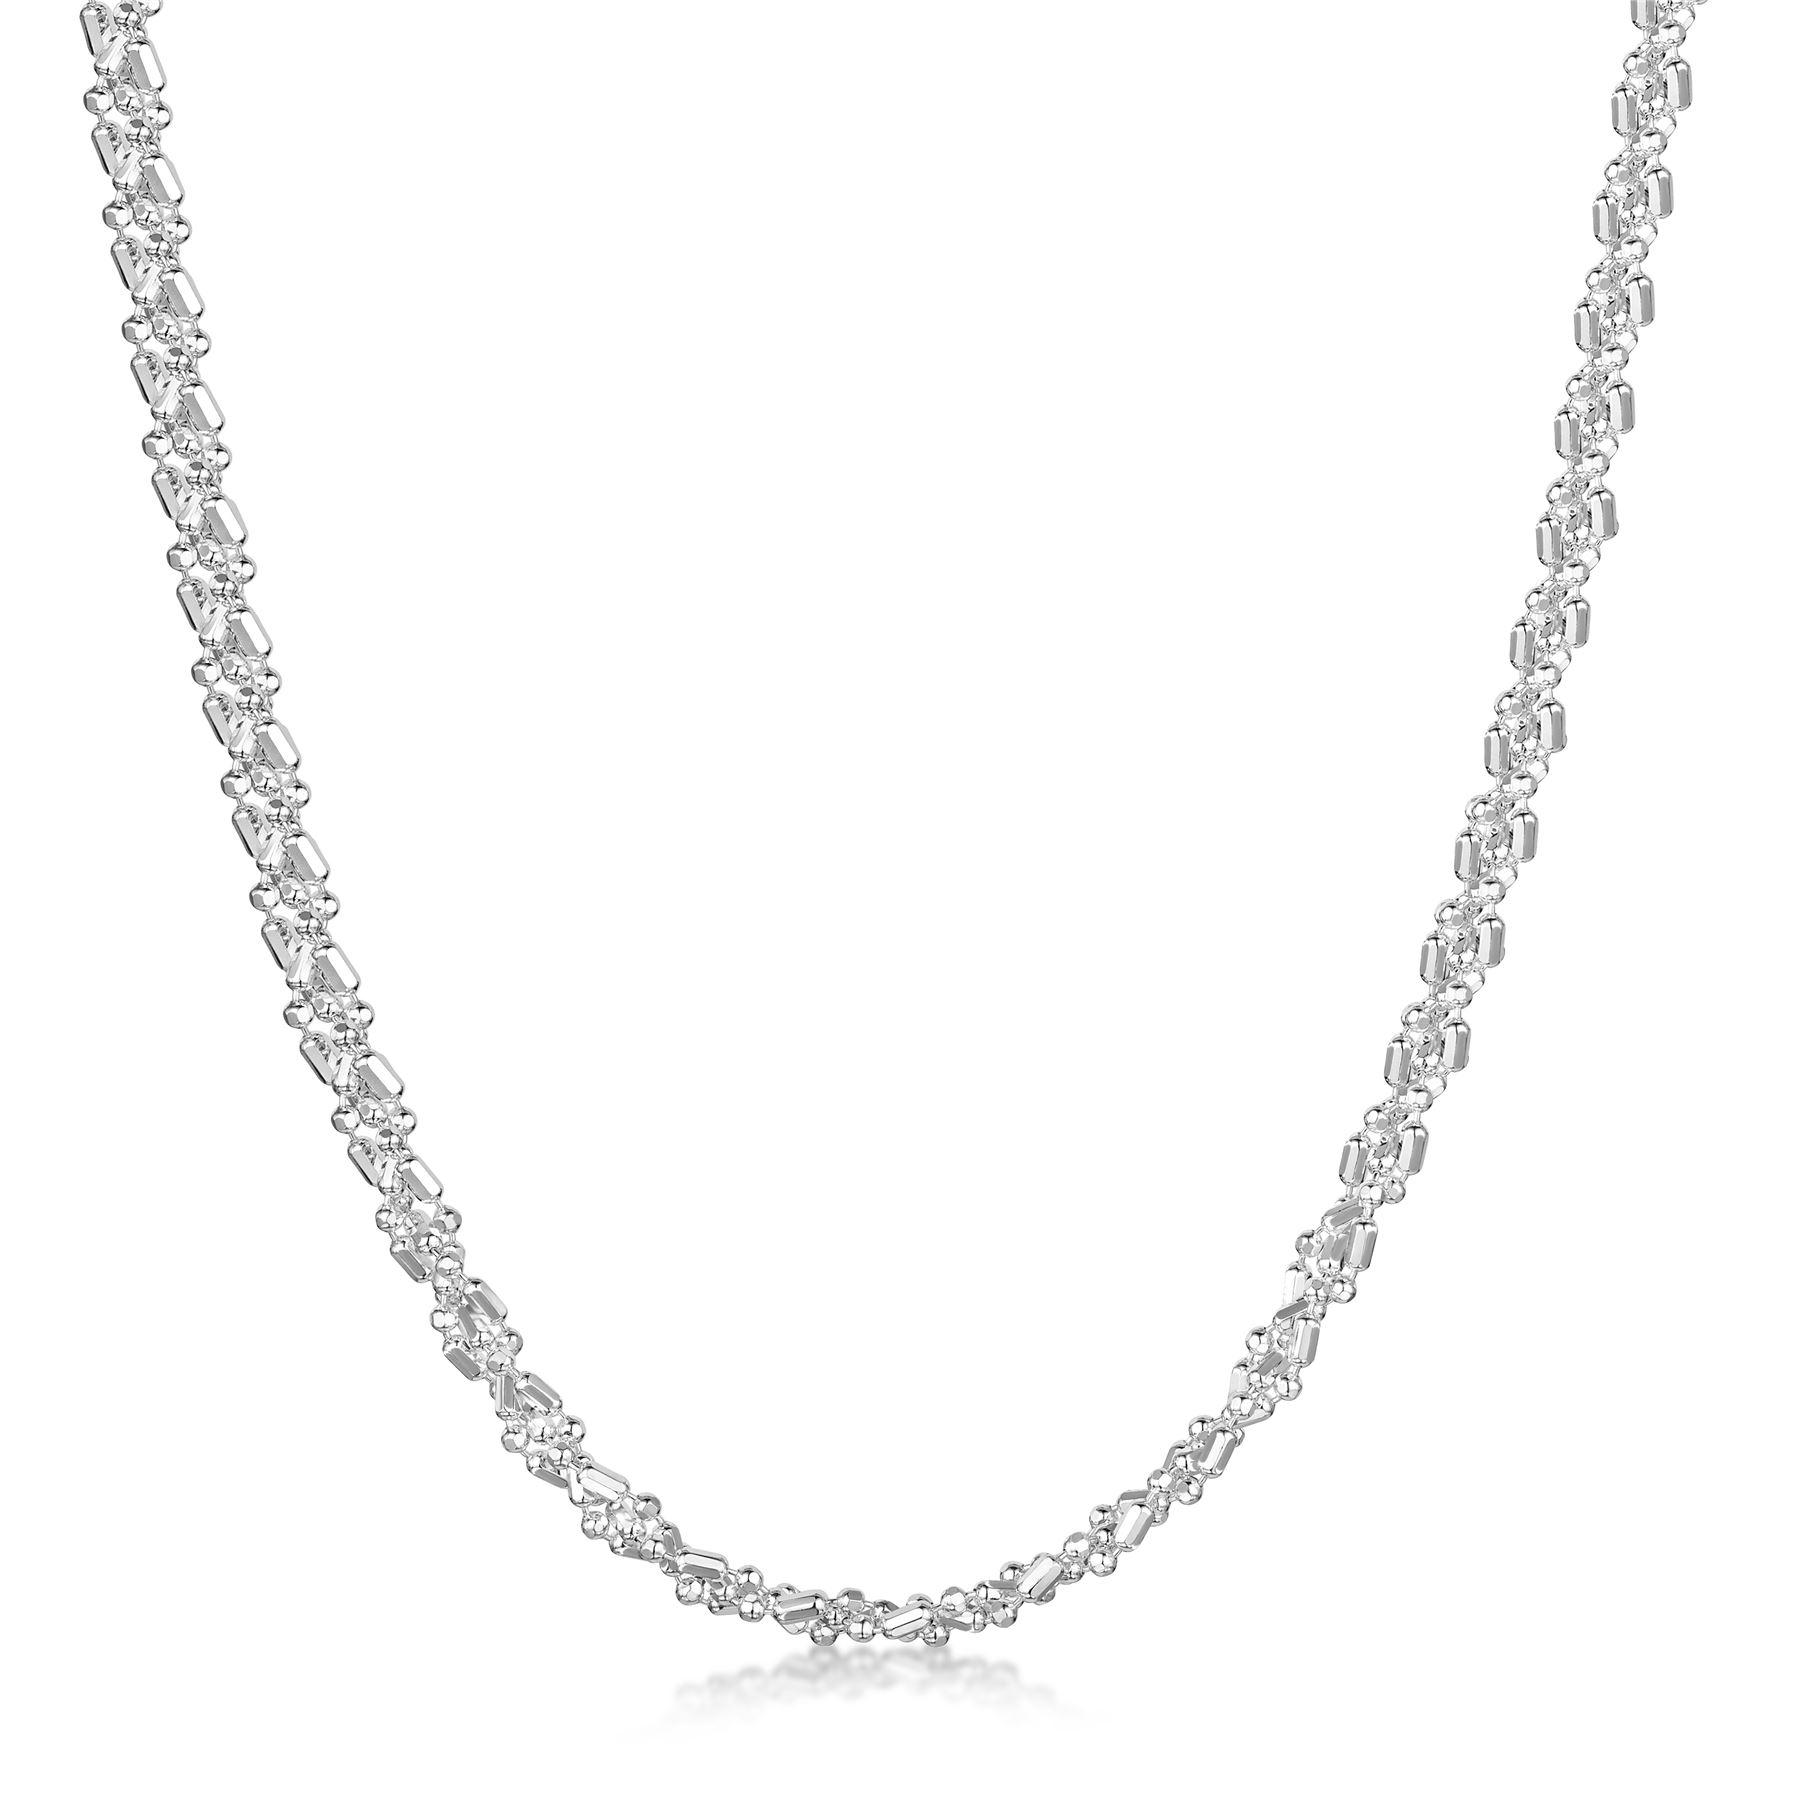 Amberta-Collar-en-Autentica-Plata-De-Ley-925-Cadena-de-Bola-Elegante-para-Mujer miniatura 15